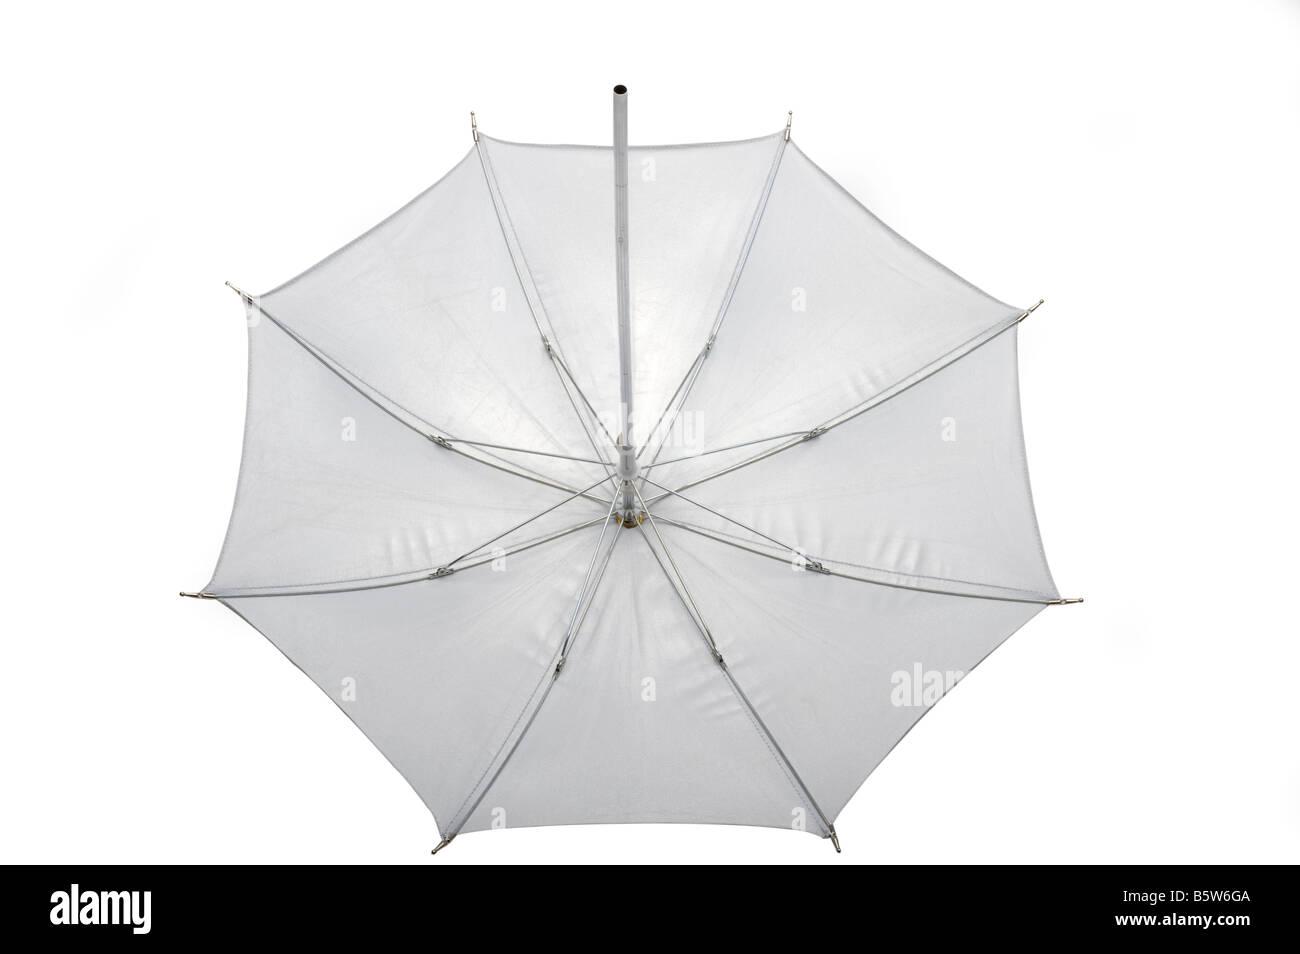 Parapluie photographique réfléchissant blanc Photo Stock